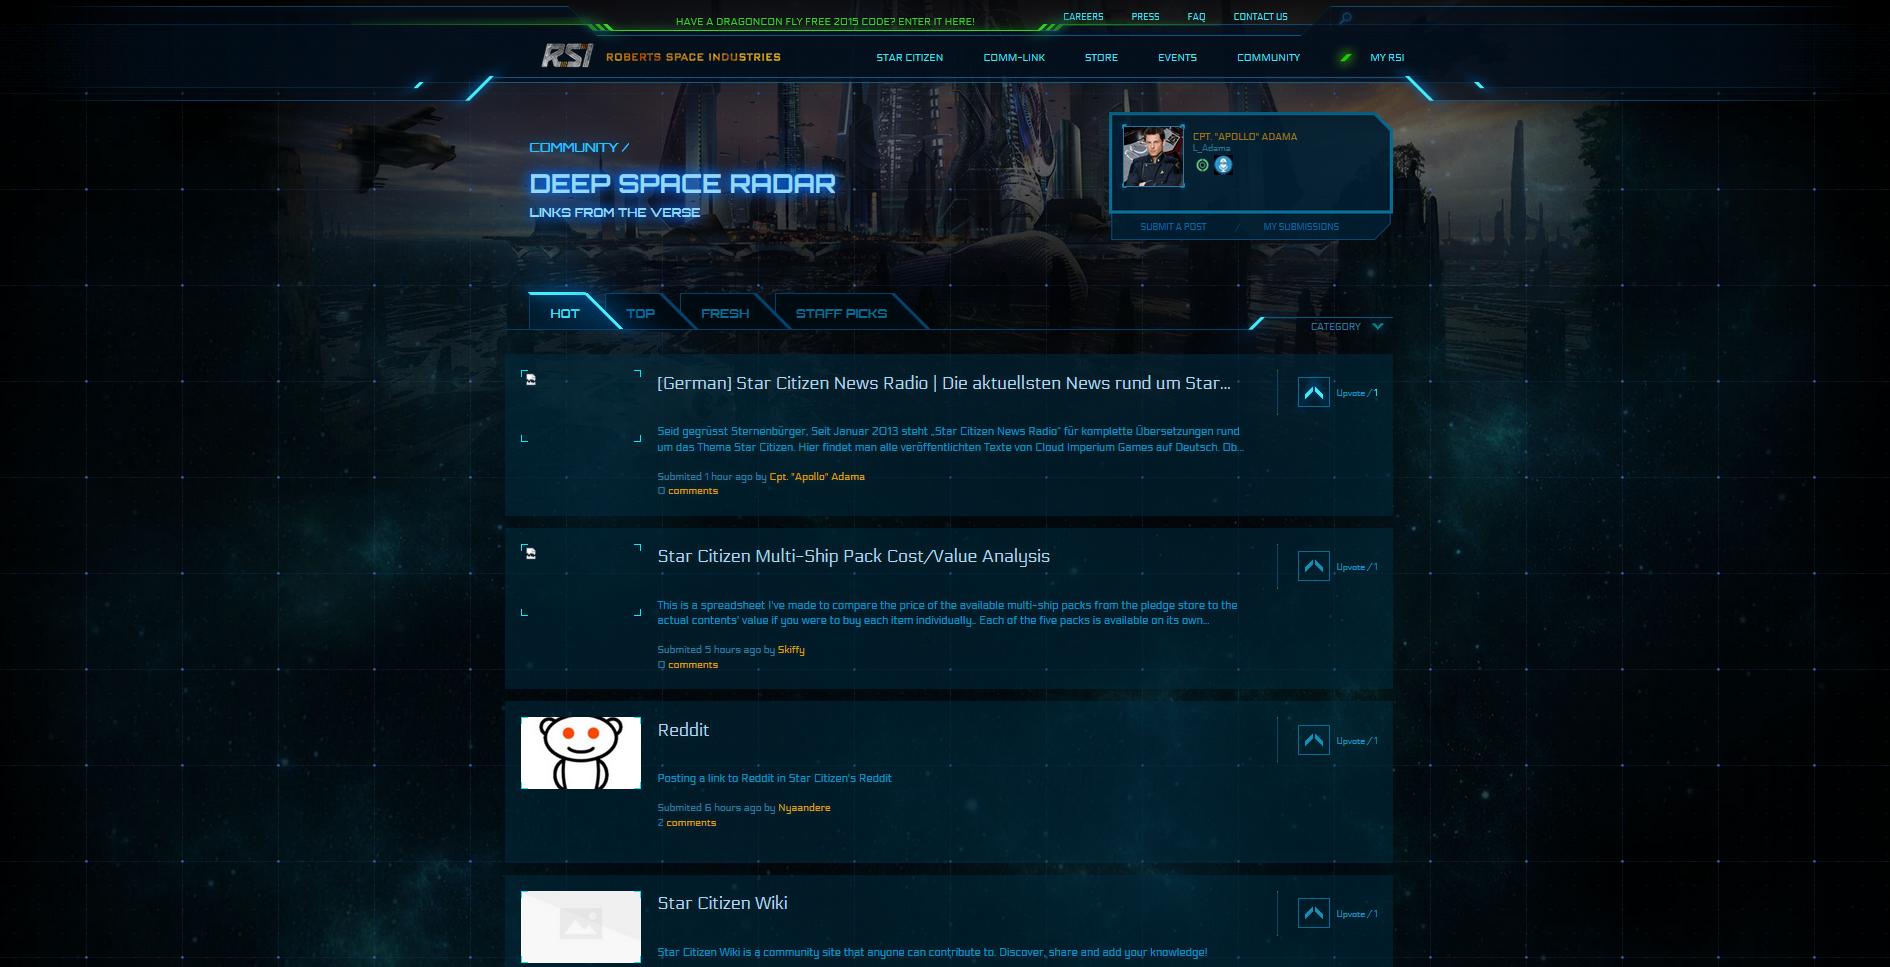 Deep Space Radar - Hier sieht man alle Webseiten die von Sternenbürger verlinkt worden sind. Sortiert nach Bewertung (Upvotes)